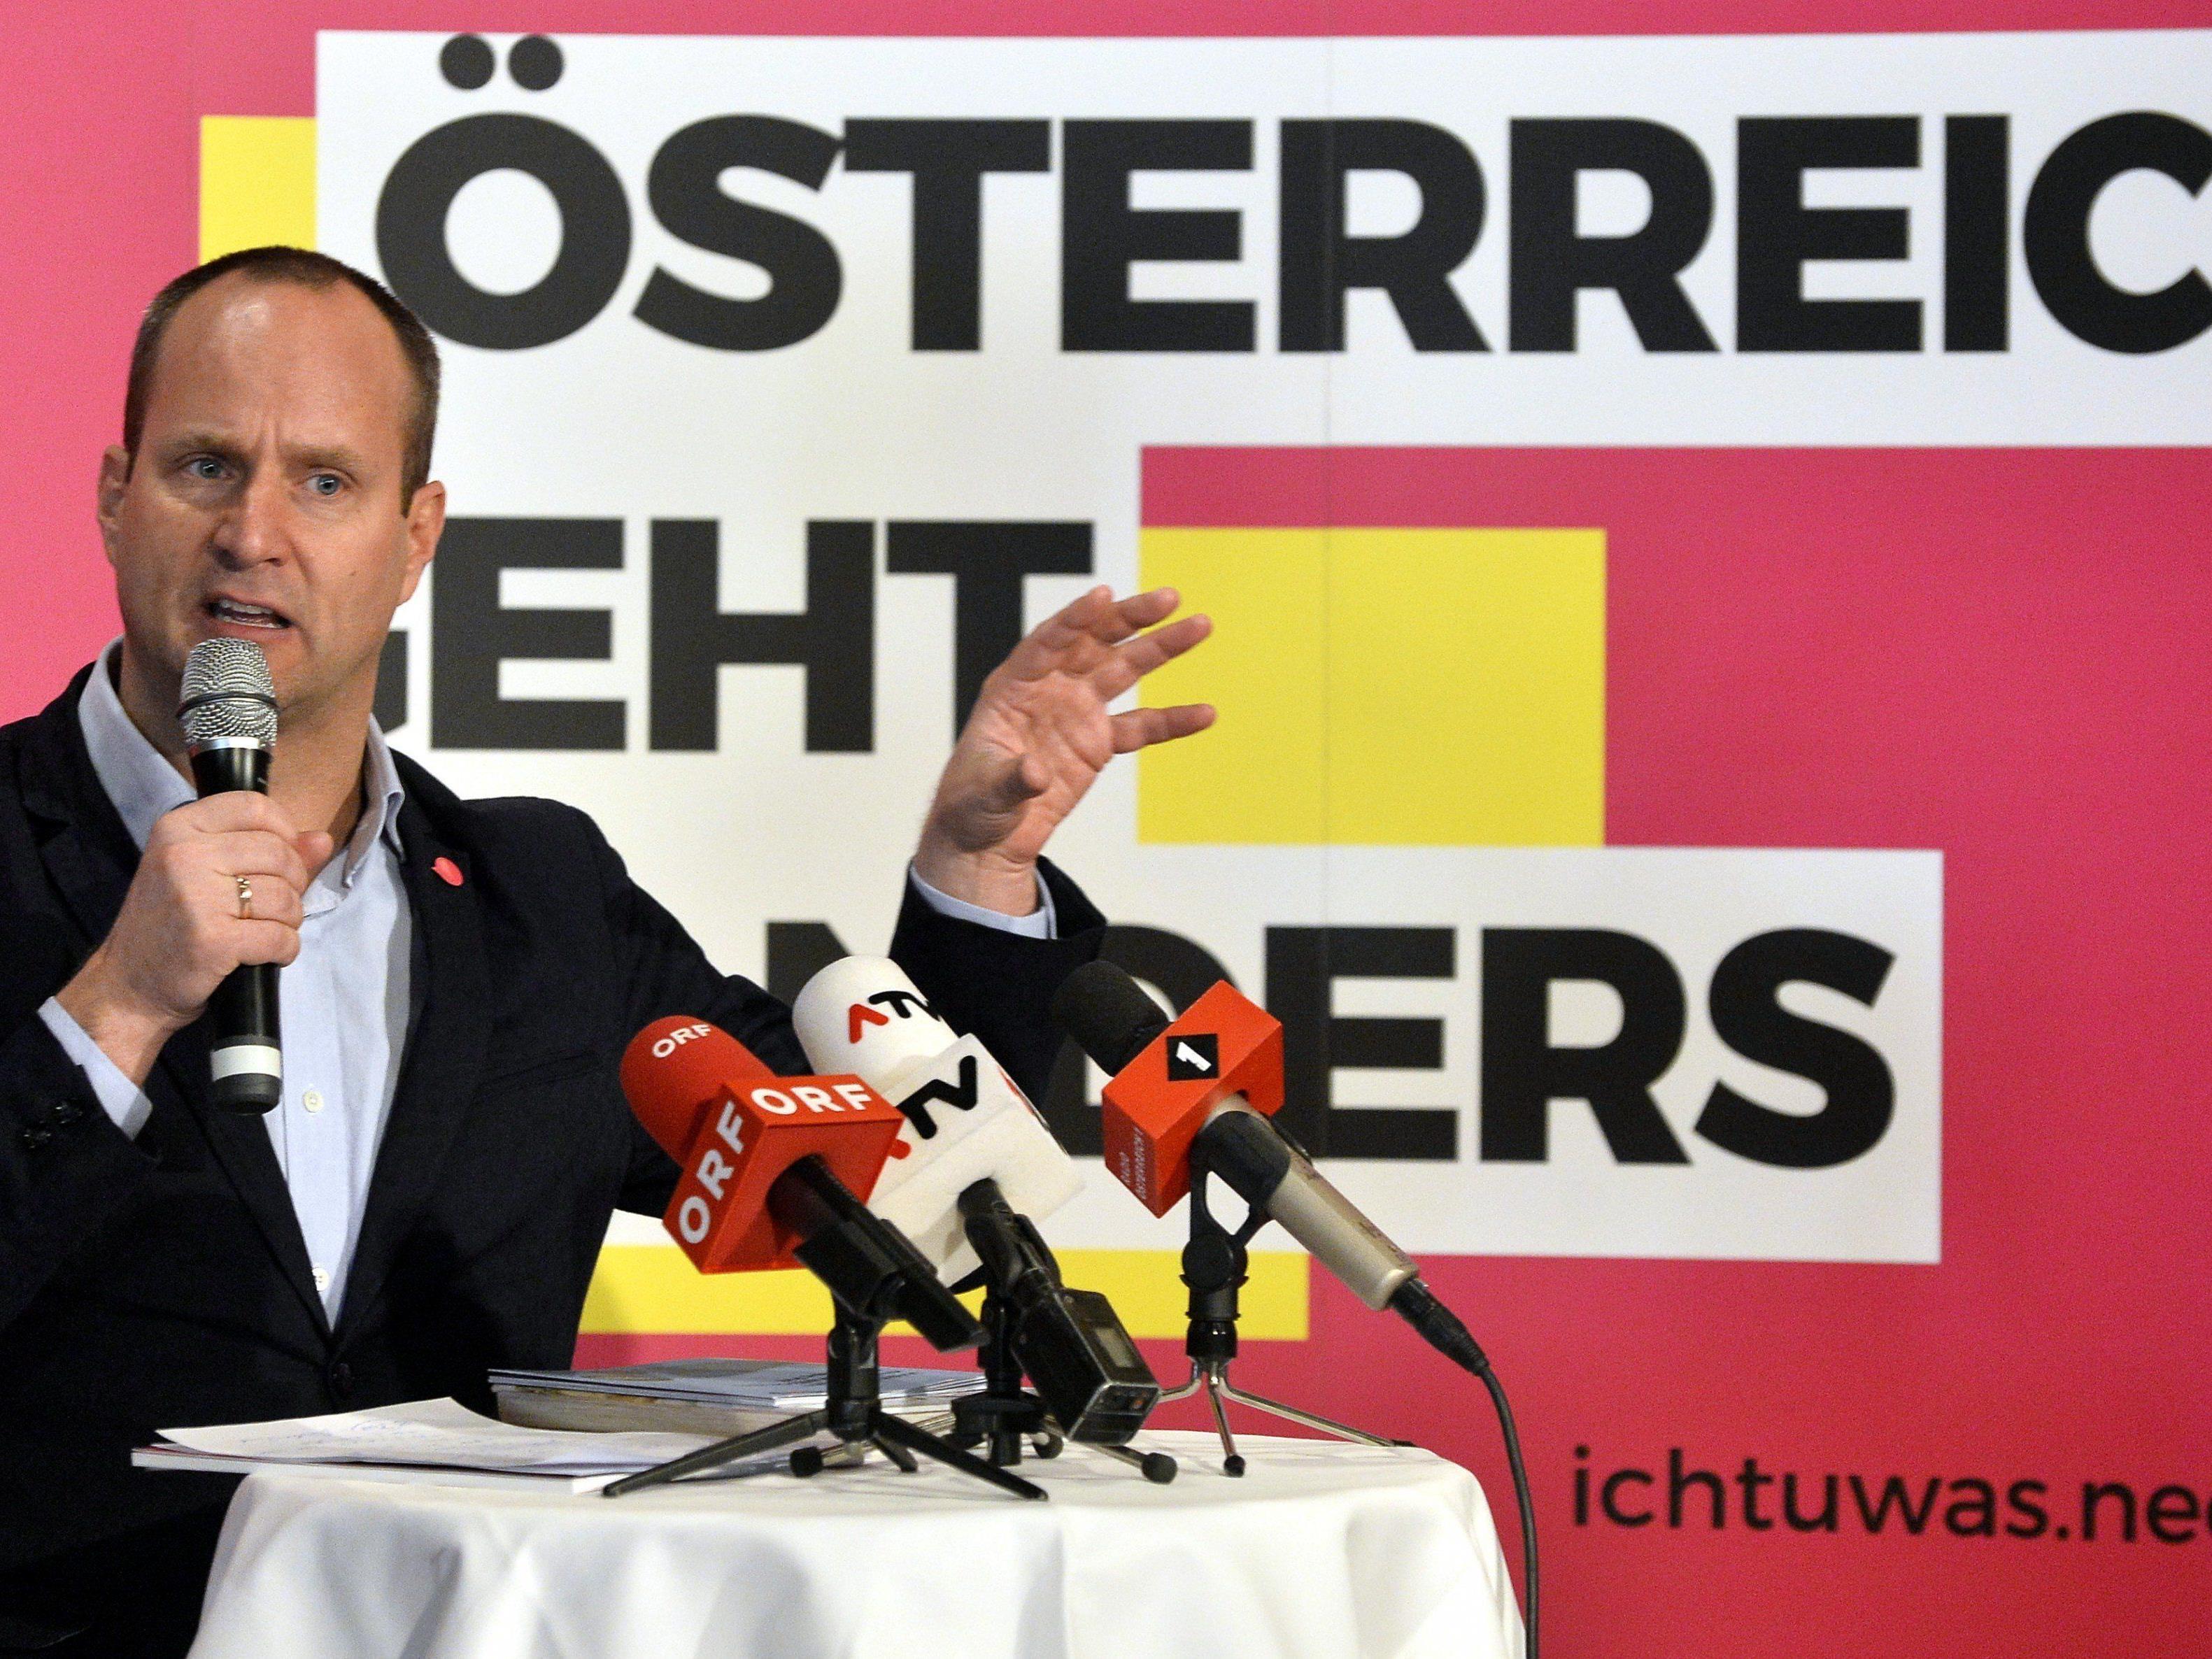 Begrenzet Amtszeiten hält Matthias Strolz für eine gute Idee - Sie auch?